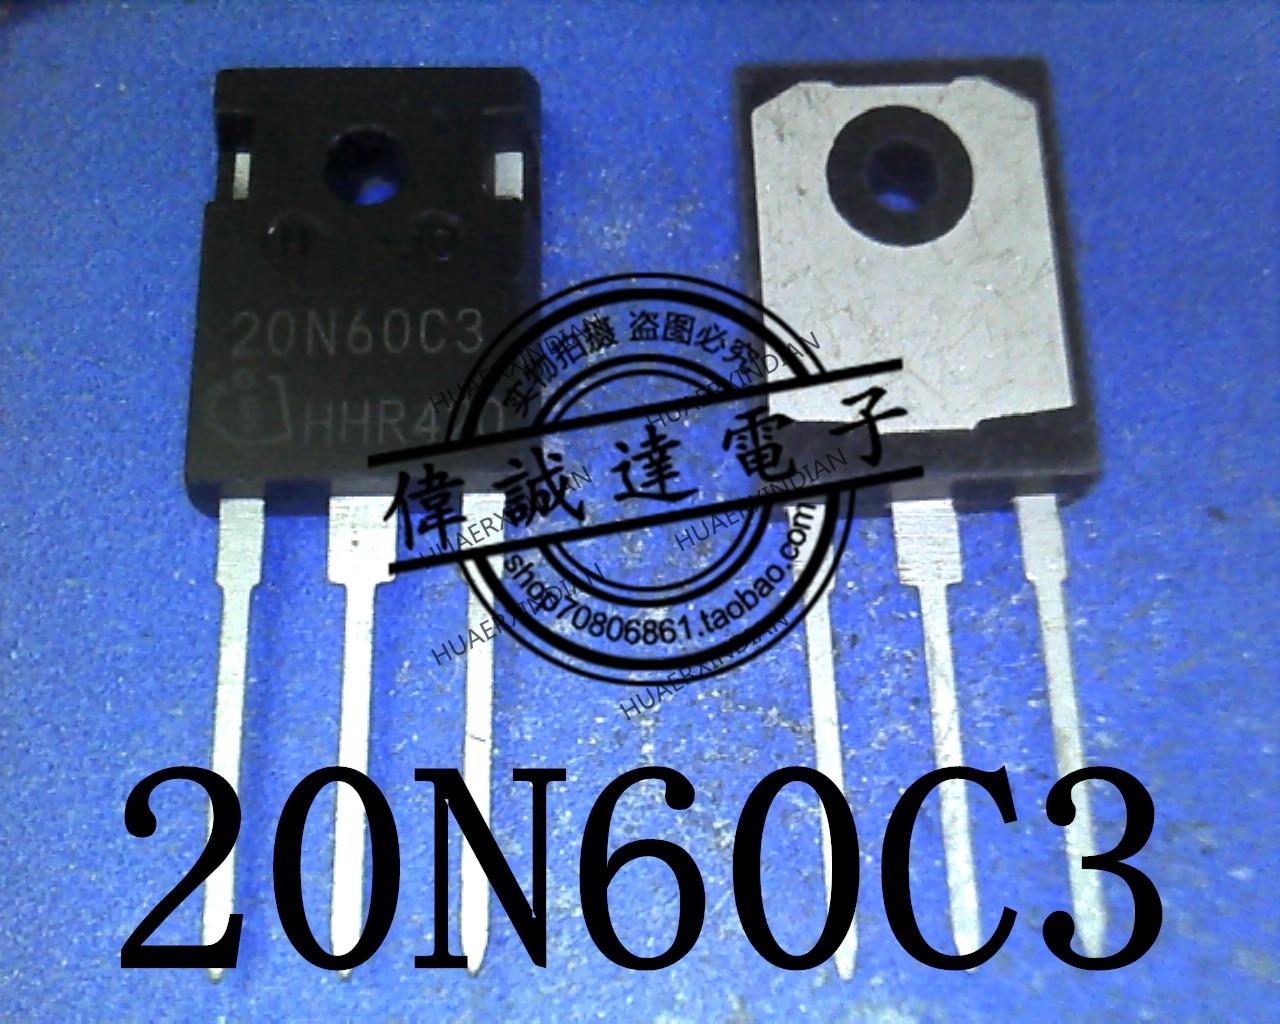 1 peças original novo spw20n60c3 20n60c3 TO-3P em estoque imagem real